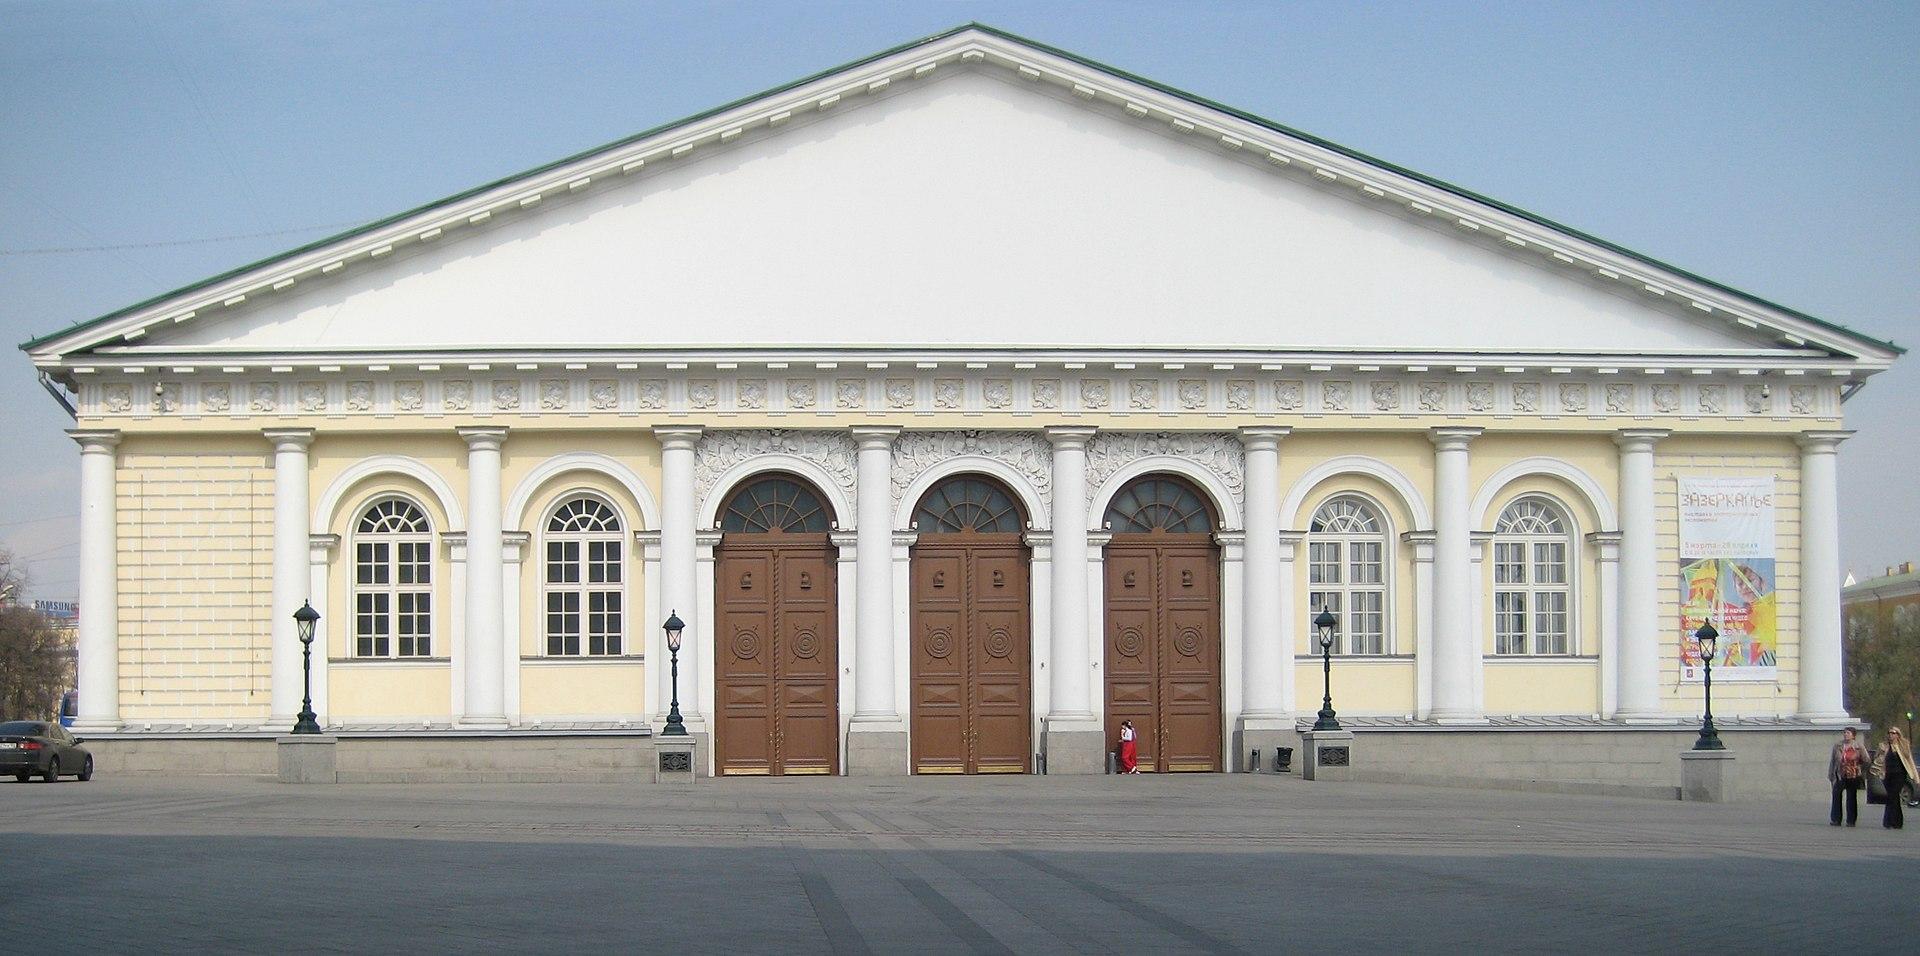 Фестиваль в Москве, посвященный Италии, начинается уже завтра